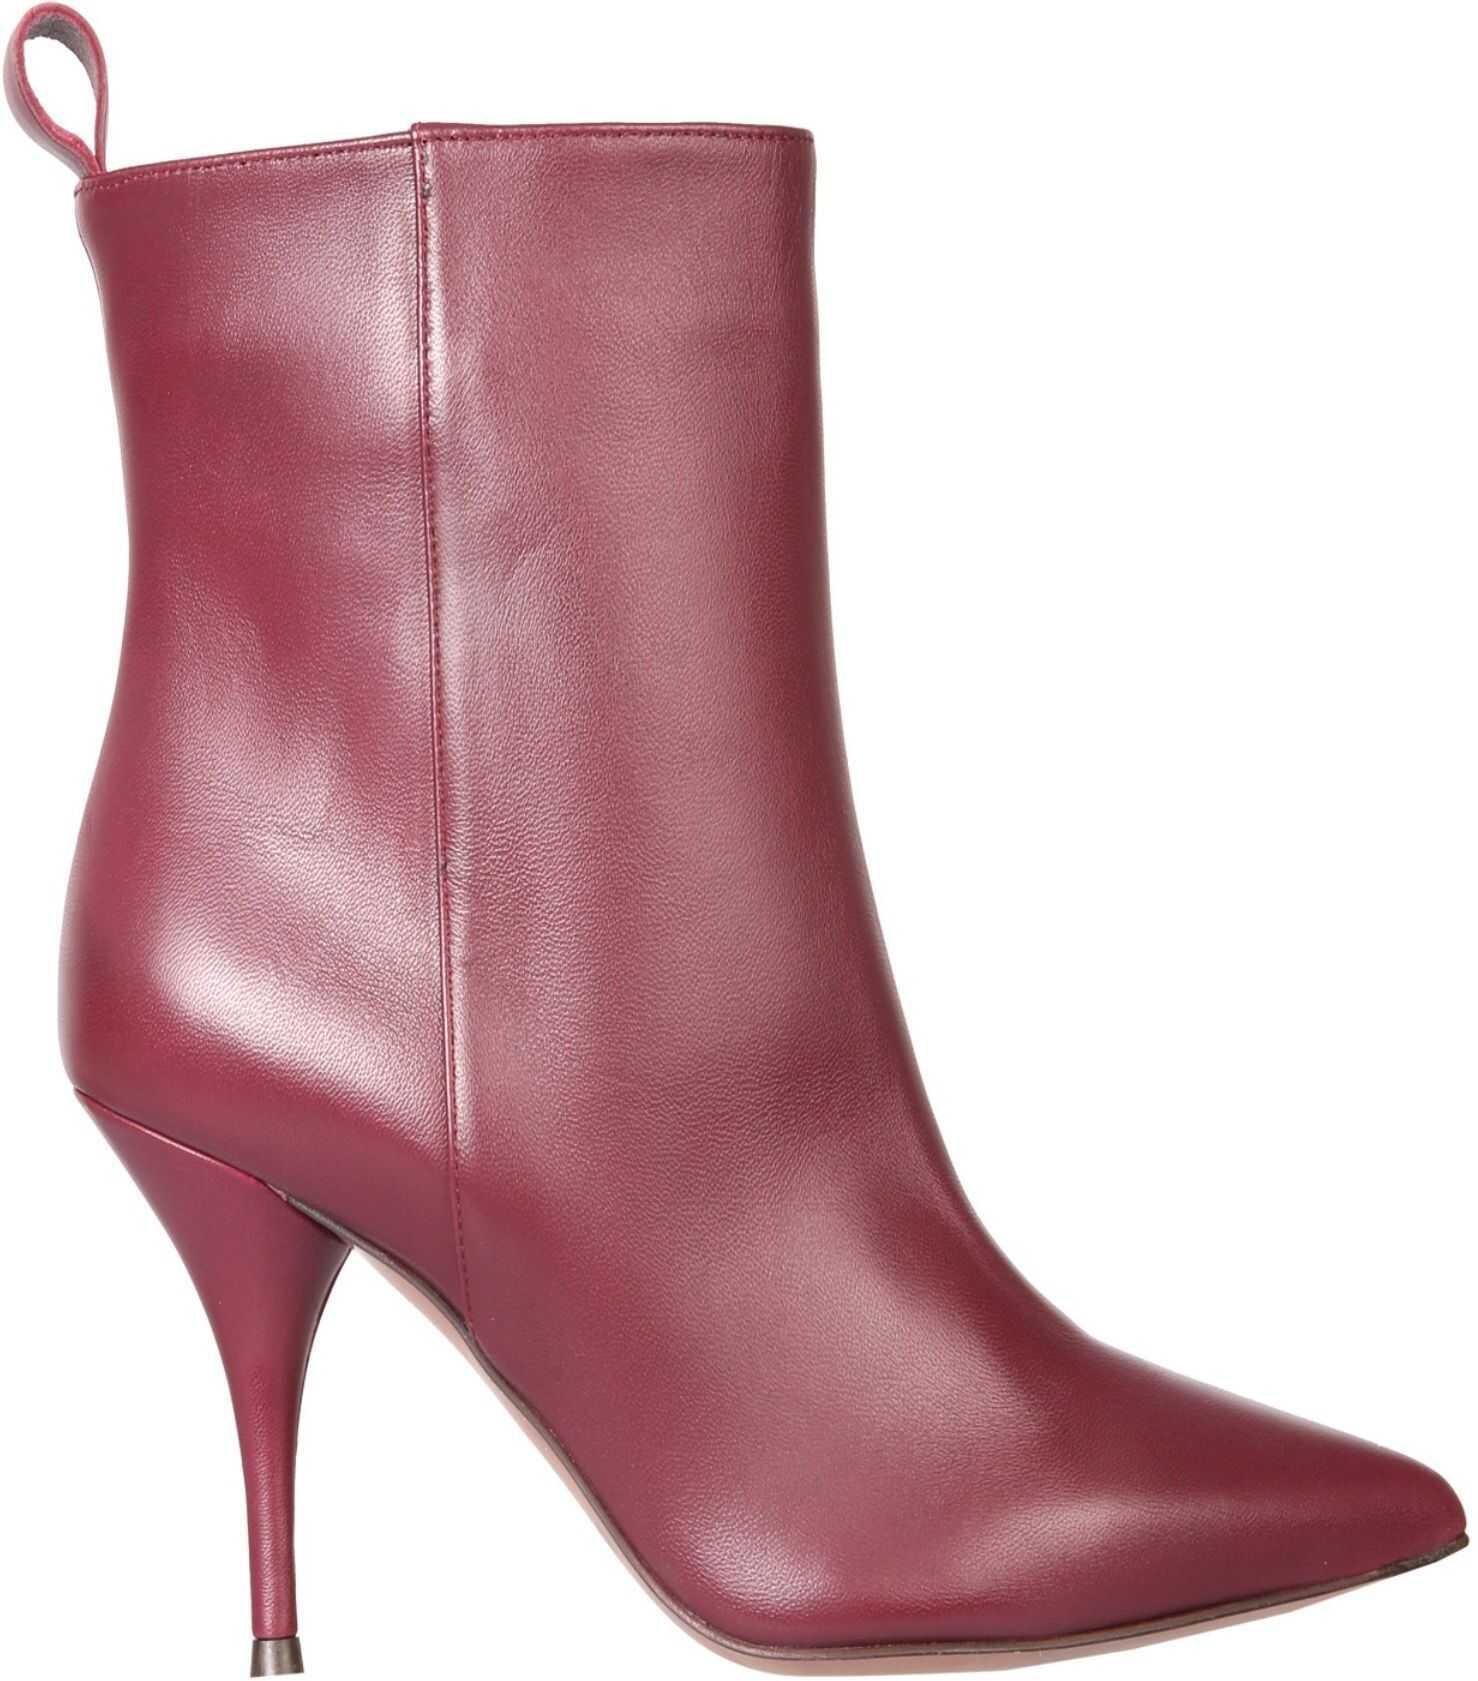 L'Autre Chose Tubular Boots LDH004.85WP_26154018 BORDEAUX imagine b-mall.ro